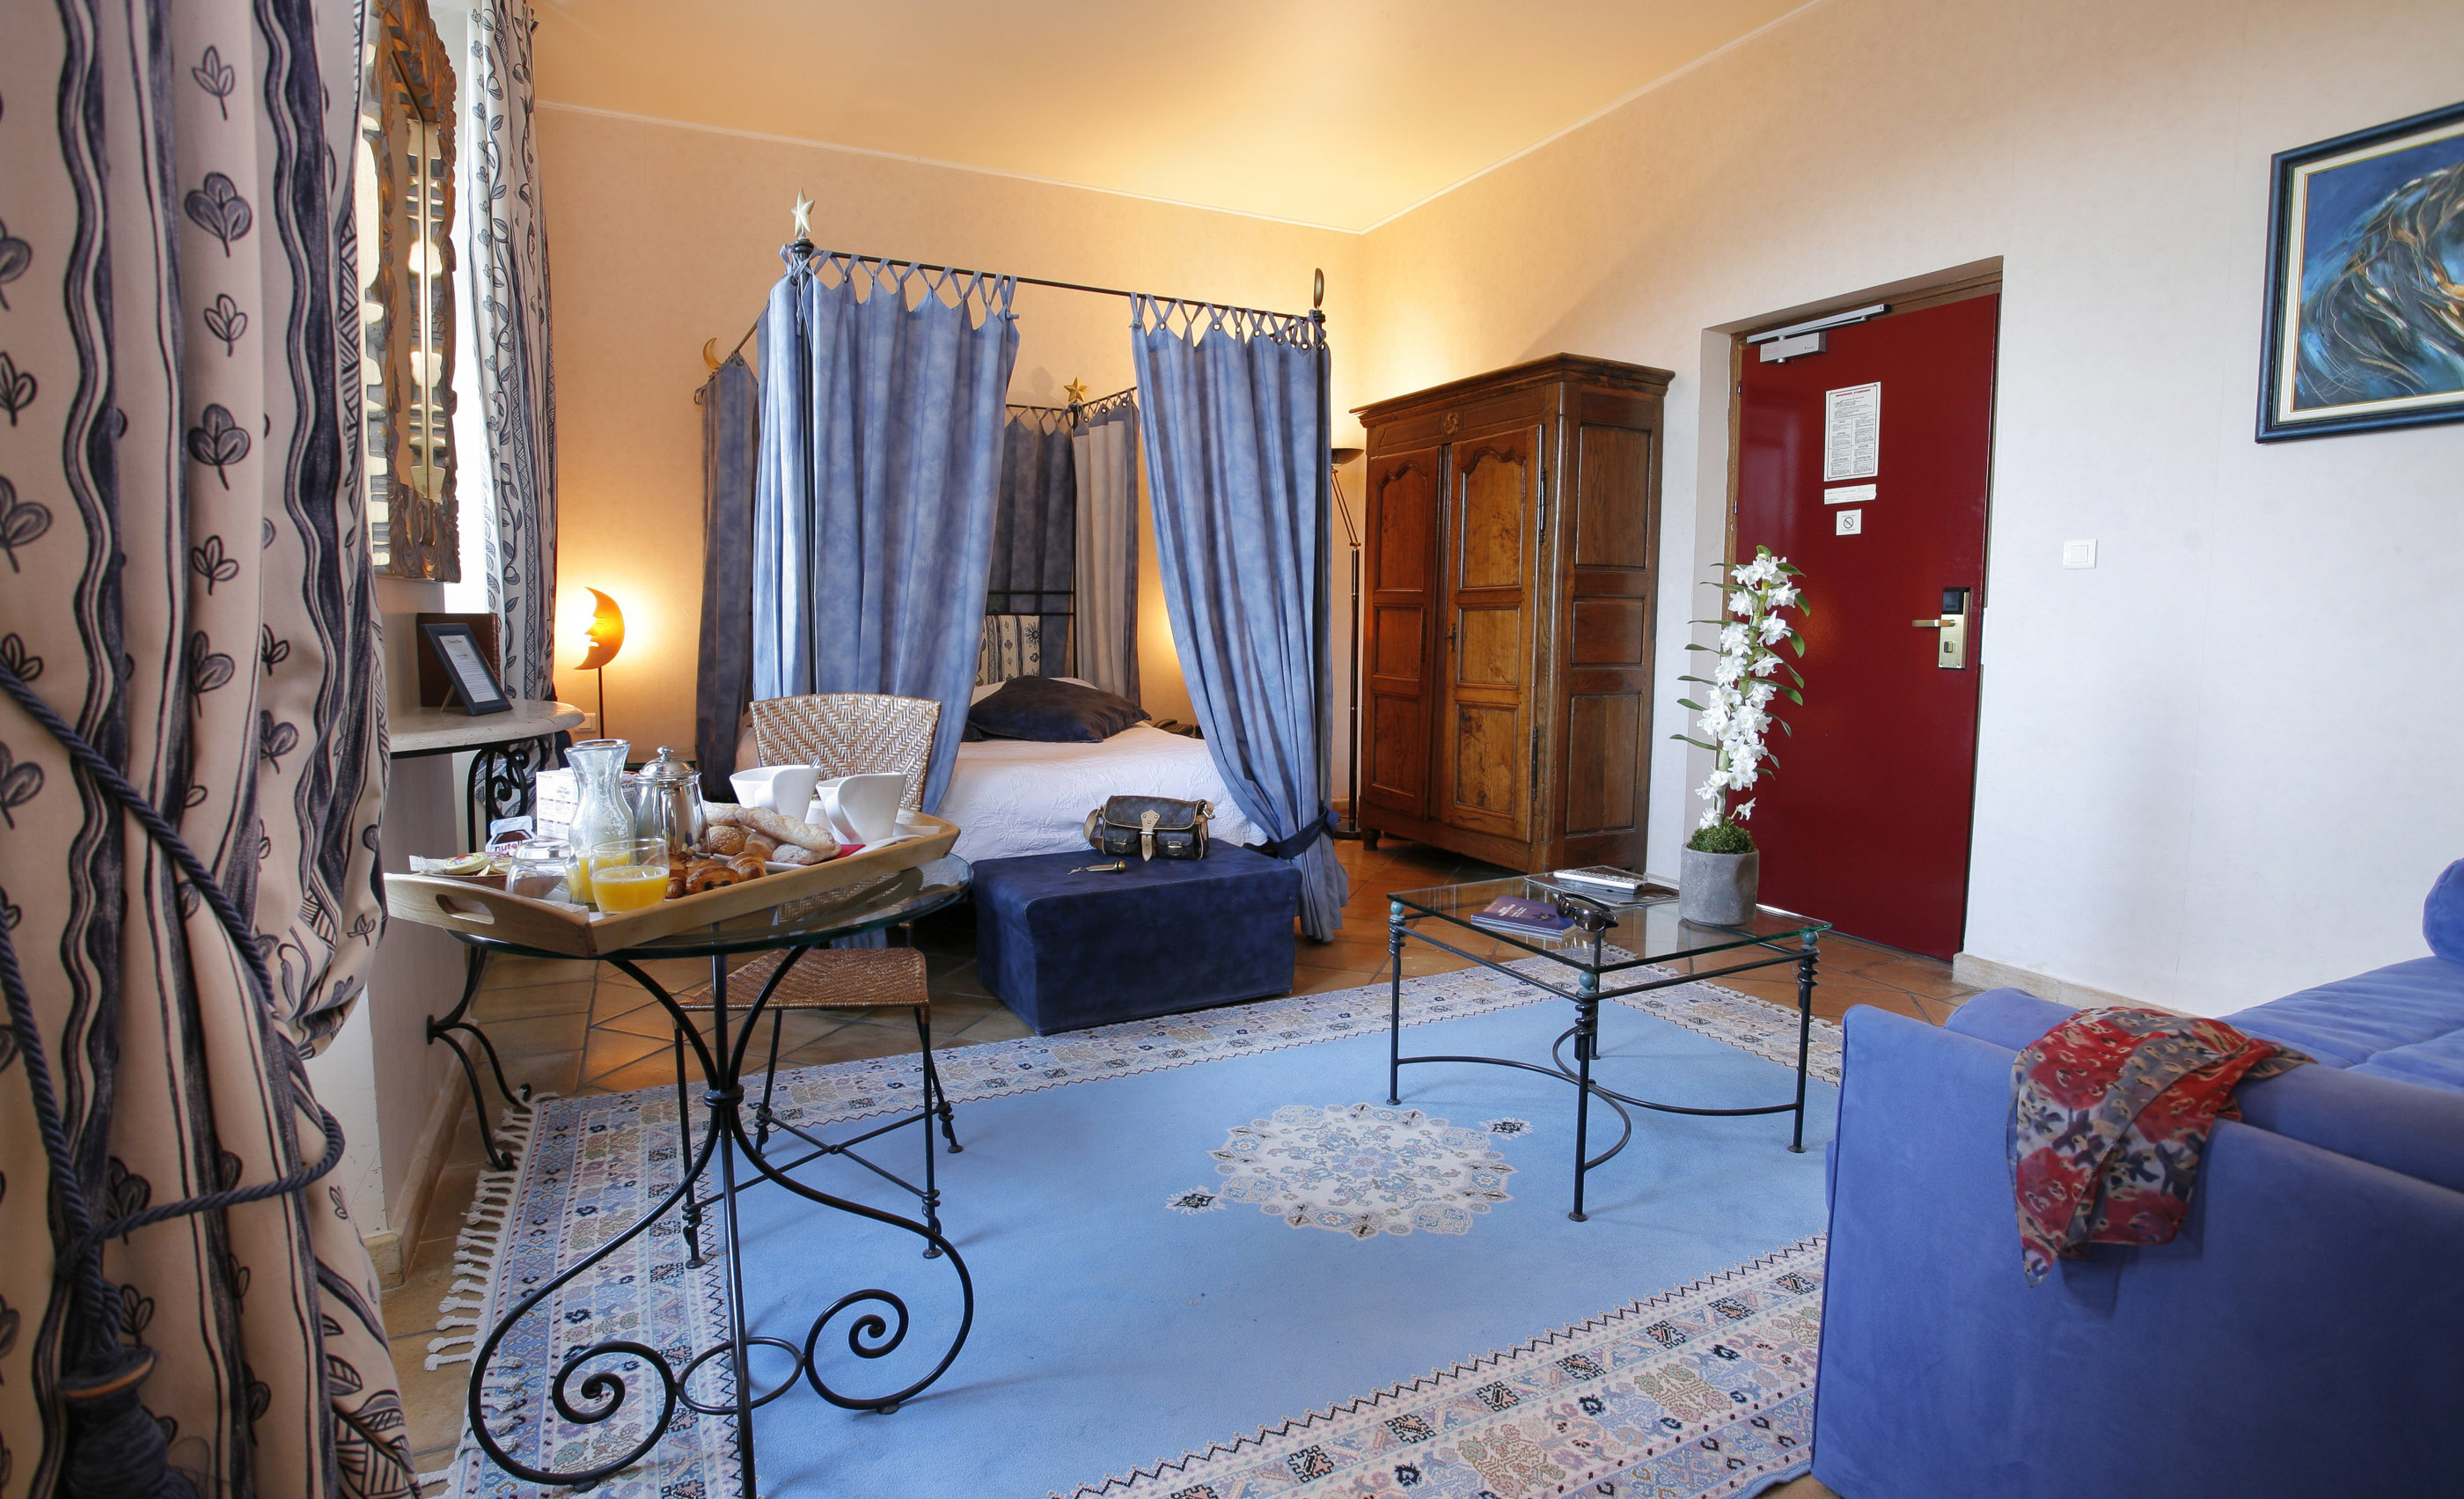 莎波城堡 四星级酒店 浪漫房间 位于 Vignieu l'Isère (38)